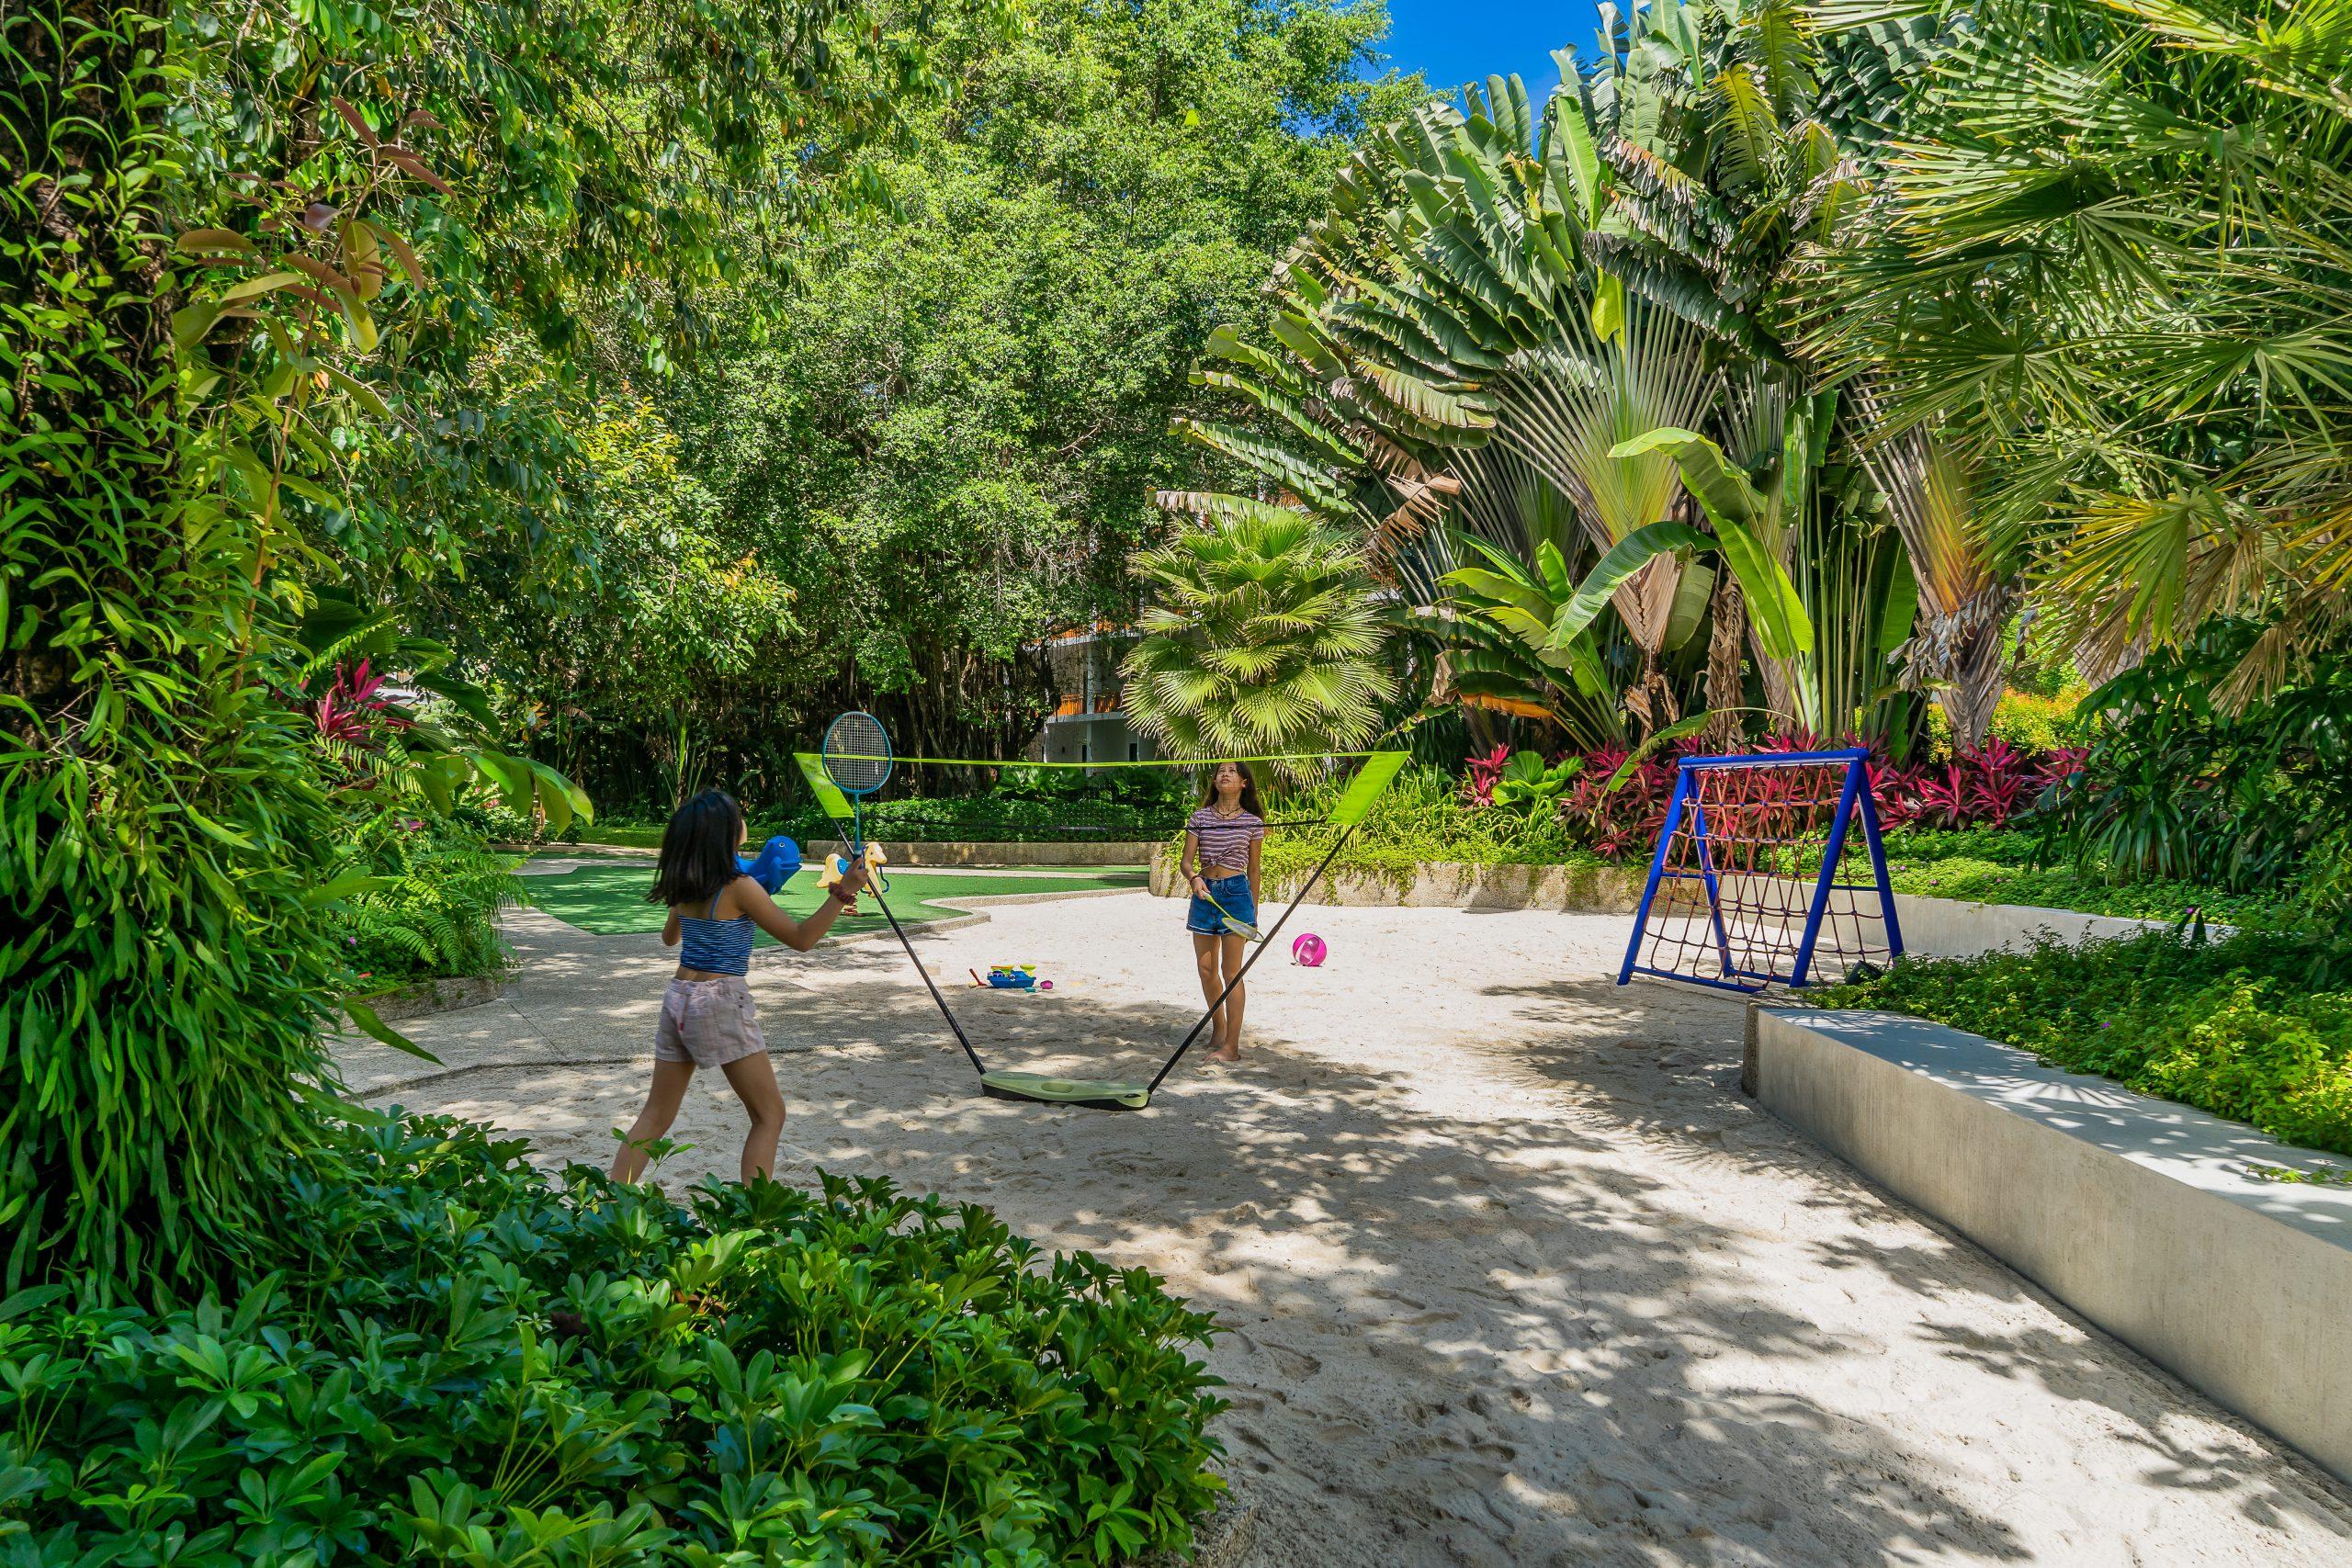 ResortFacilities_GameRoom_Playground_BG1